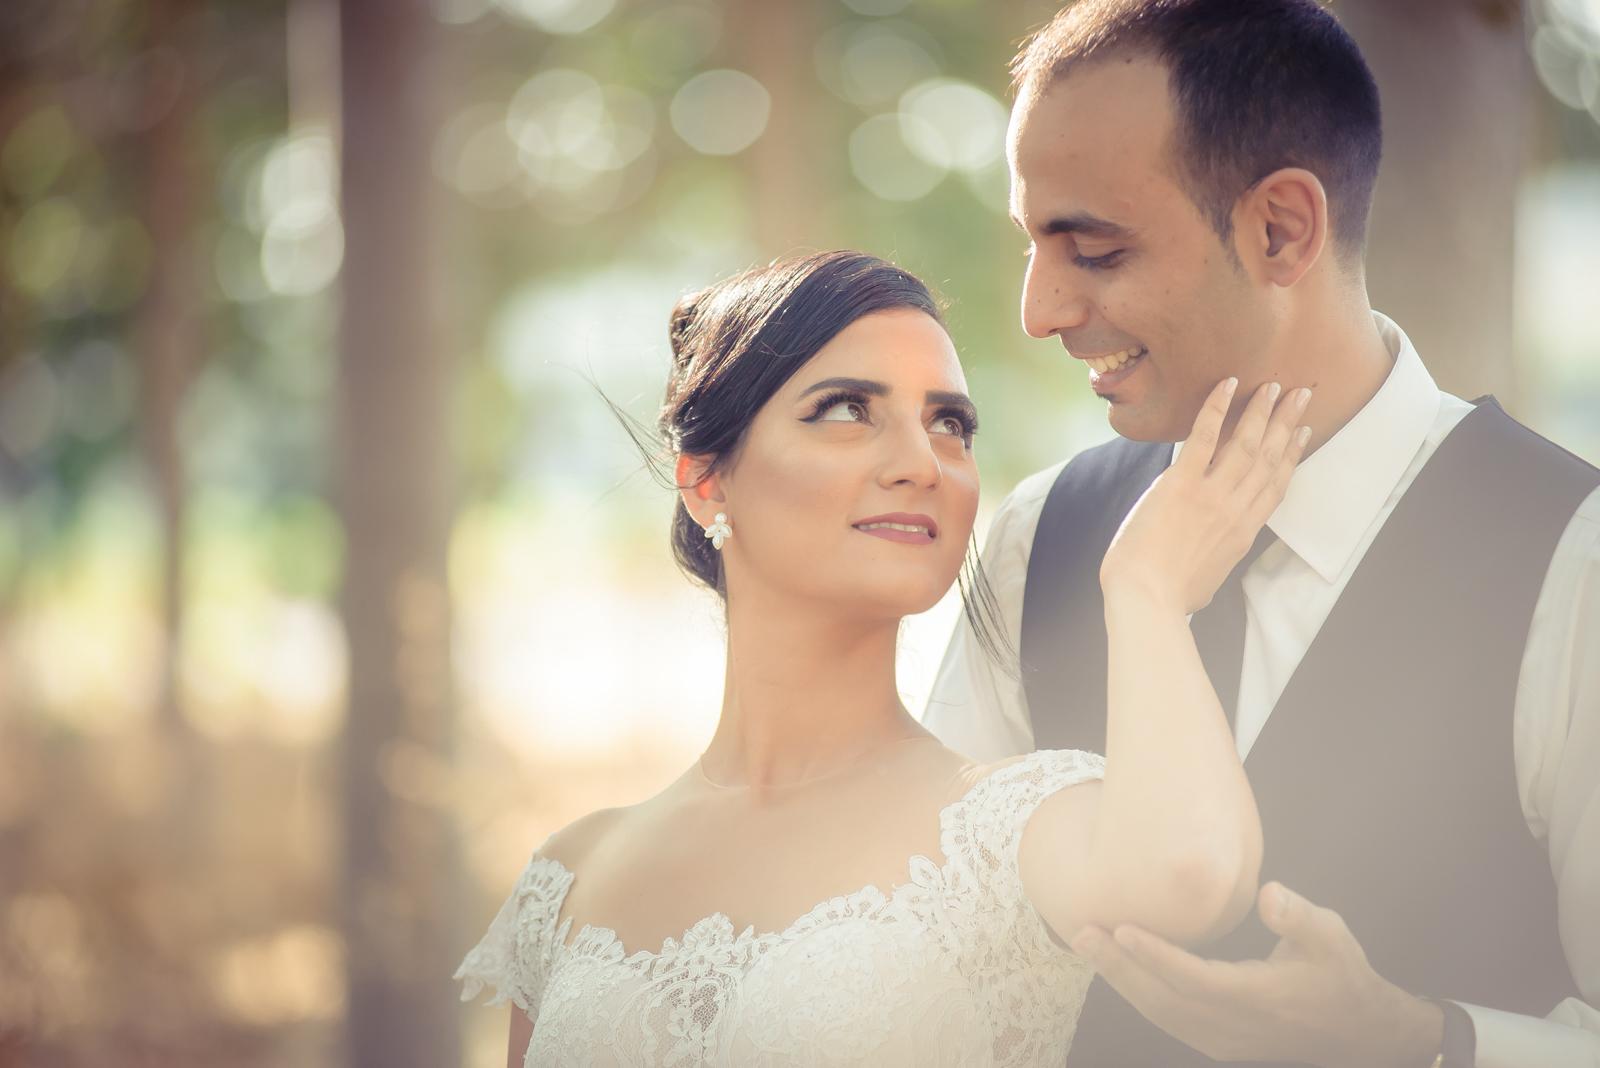 צלם לחתונה צילום חתונה-1018.jpg